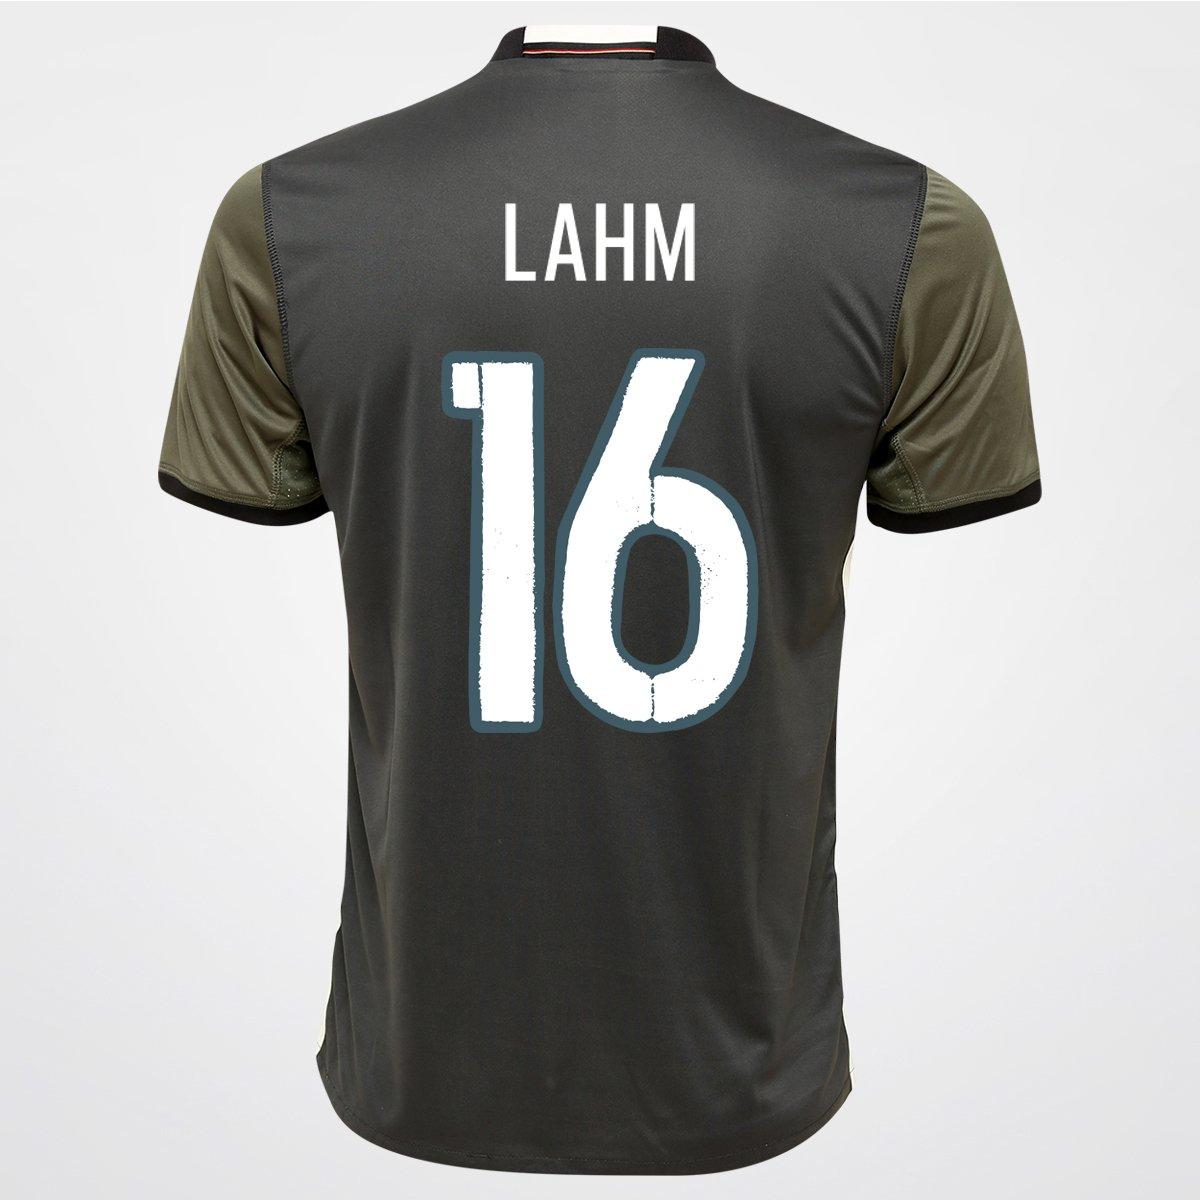 Camisa Adidas Seleção Alemanha Away 2016 nº 16 - Lahm - Compre Agora ... 4d8f25b059e95